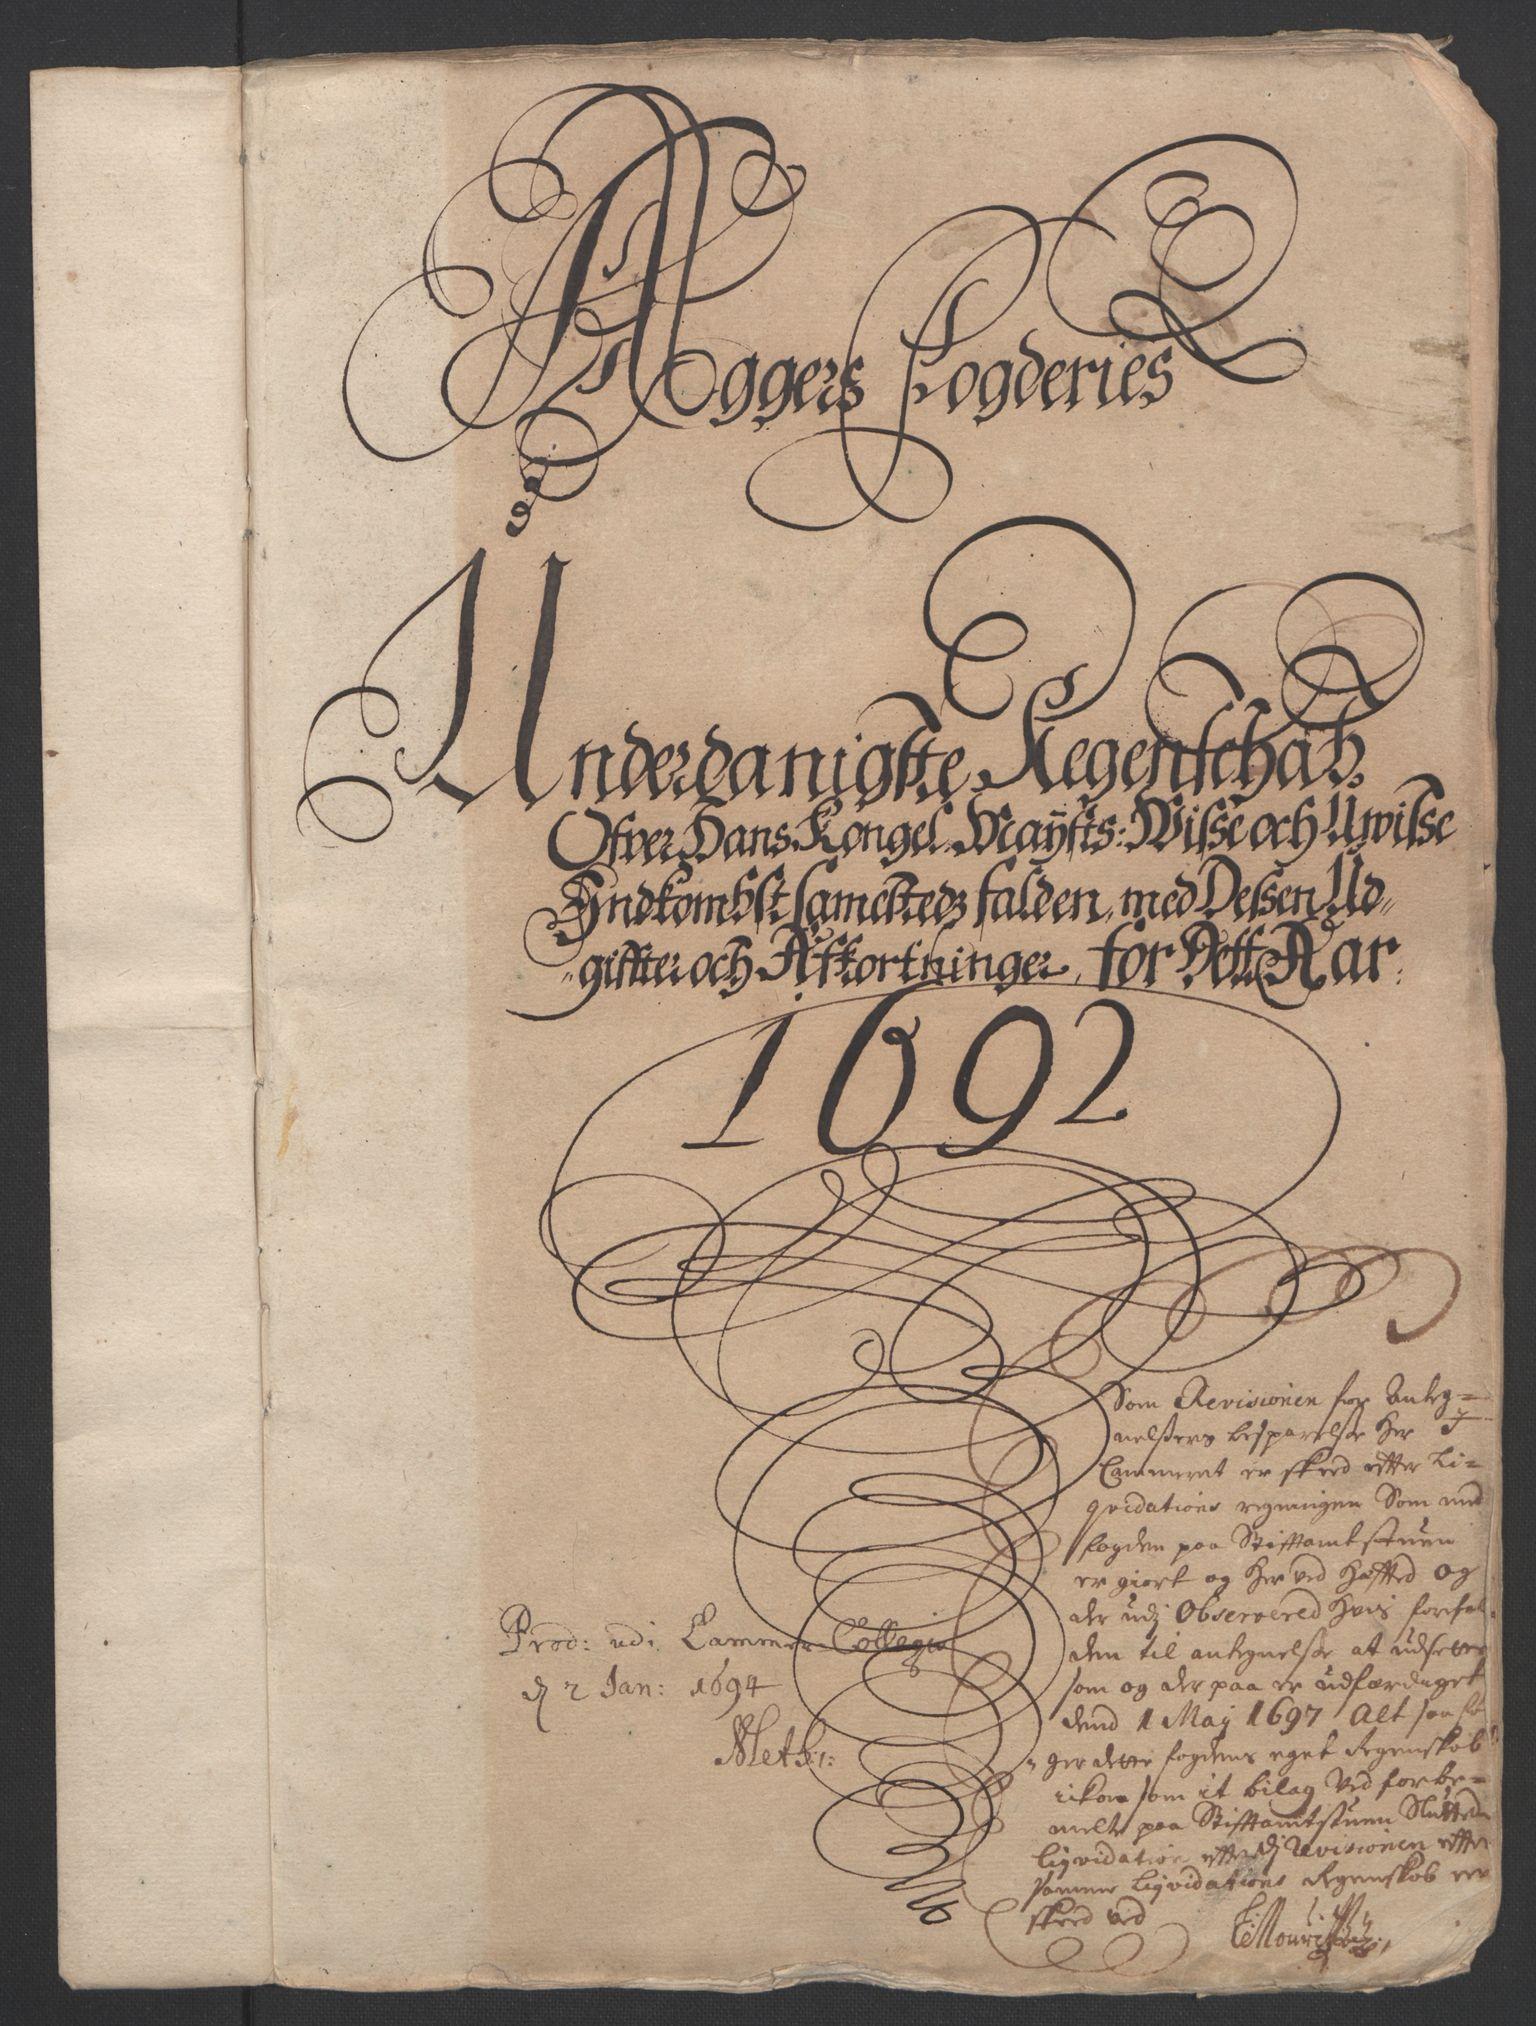 RA, Rentekammeret inntil 1814, Reviderte regnskaper, Fogderegnskap, R08/L0426: Fogderegnskap Aker, 1692-1693, s. 3